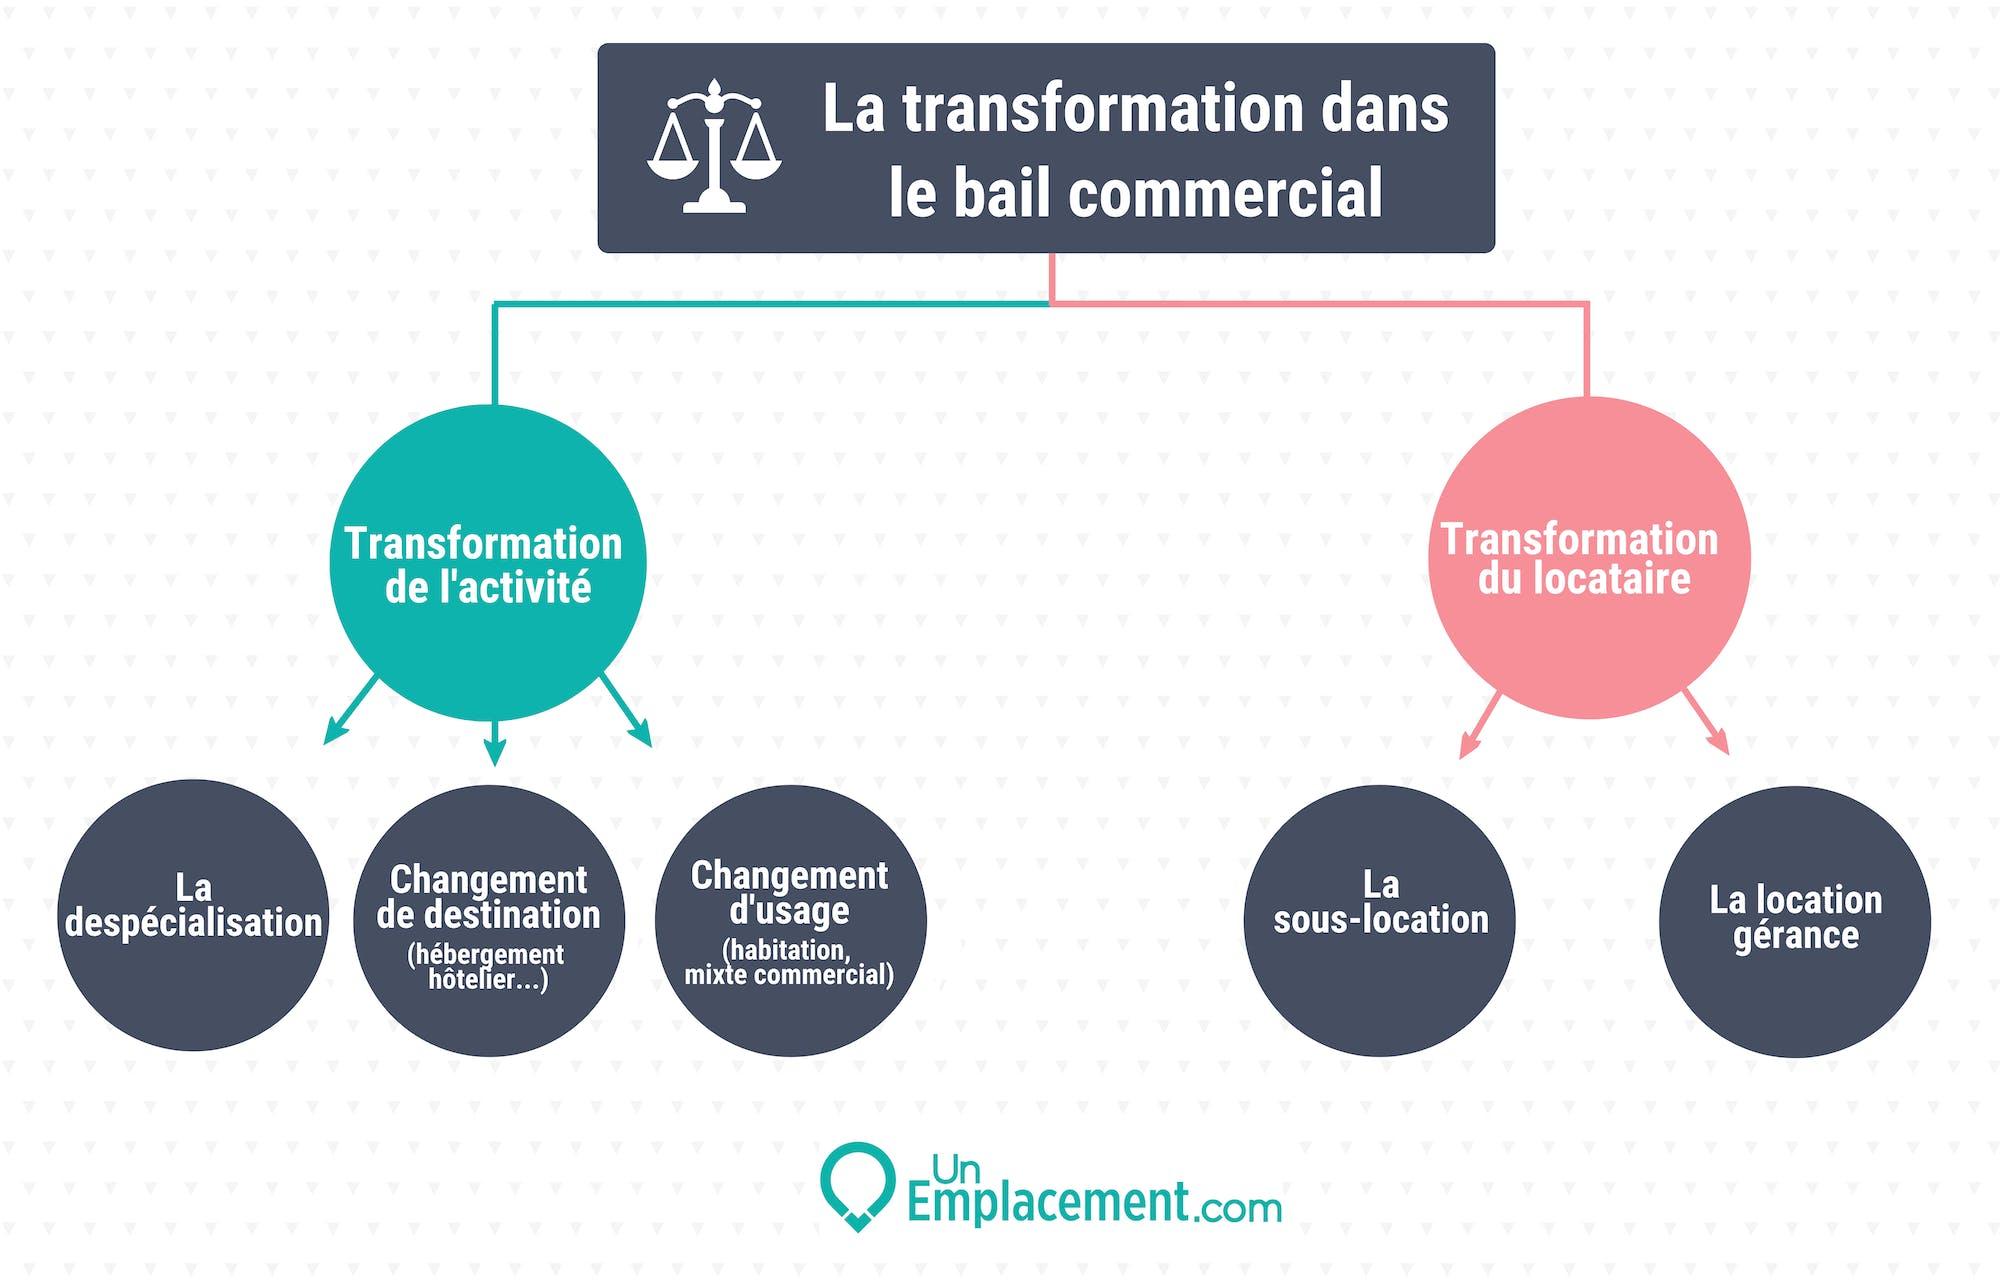 Infographie sur la transformation dans le bail commercial